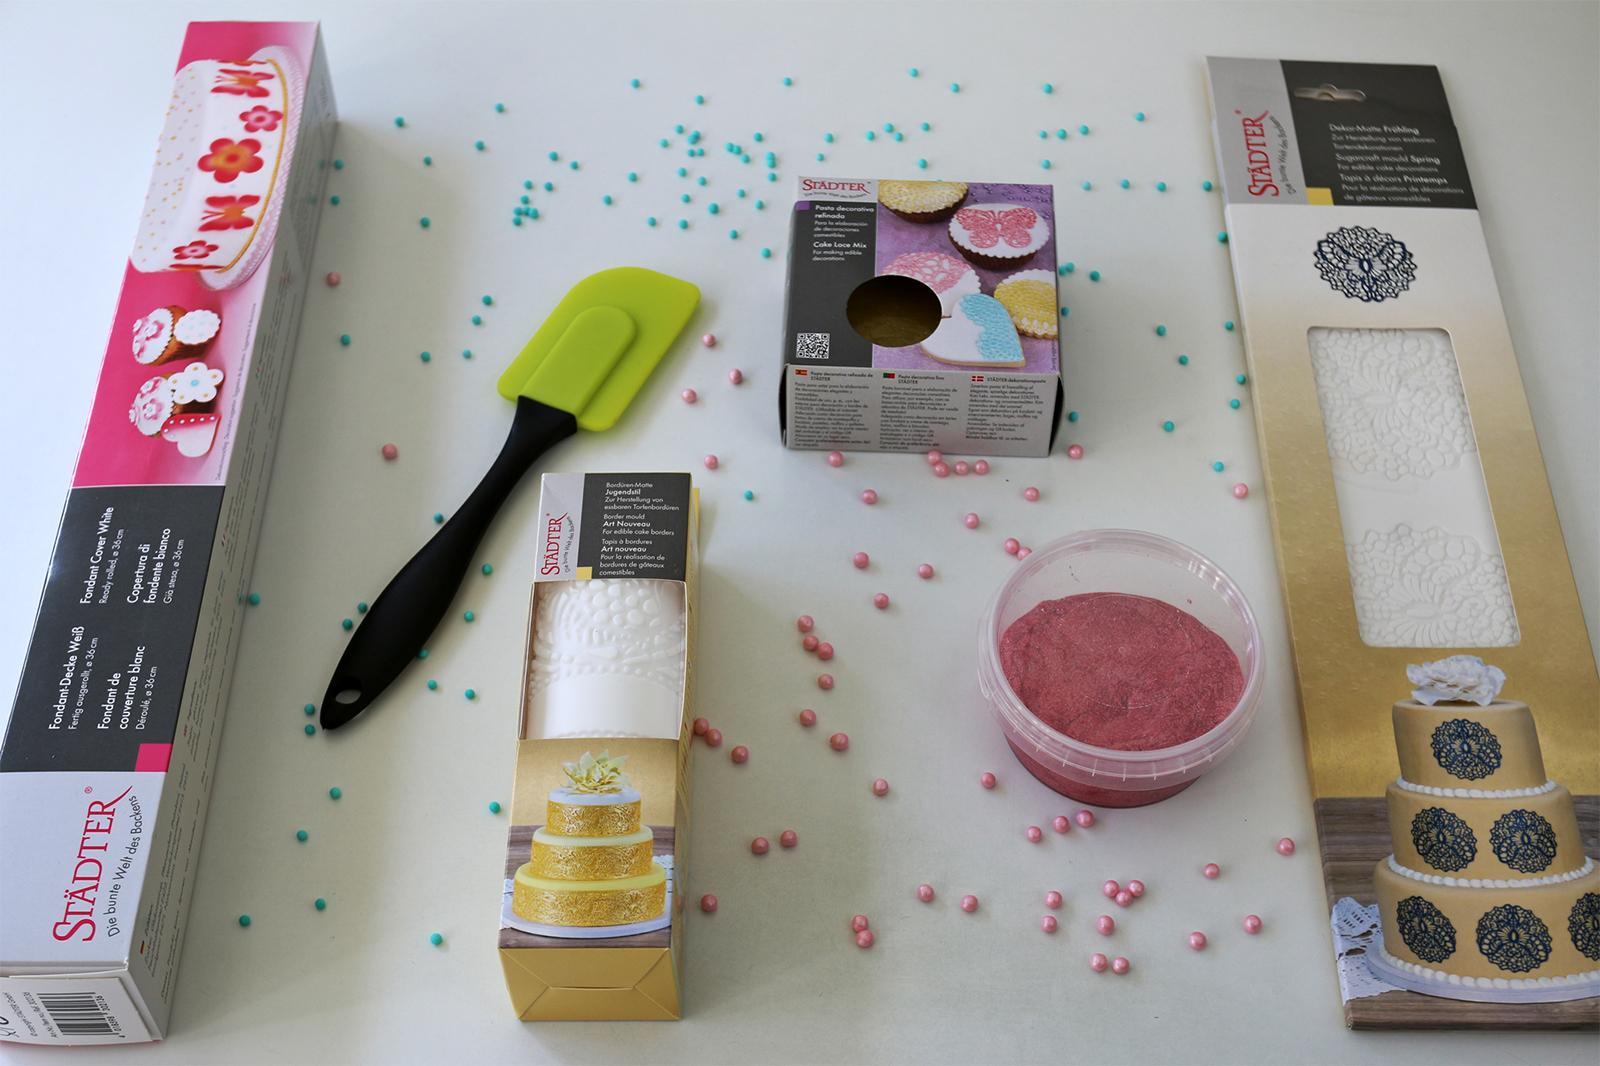 Tuotteet vasemmalta alkaen. Valmiiksi kaulittu sokerimassarulla (Fondant Cover white), silikoninen reunakoristematto (jugend), keltainen ja vaaleanpunainen Edel-koristetahna, silikoninen koristematto (kevät). Kaikki Städter-merkkisiä.